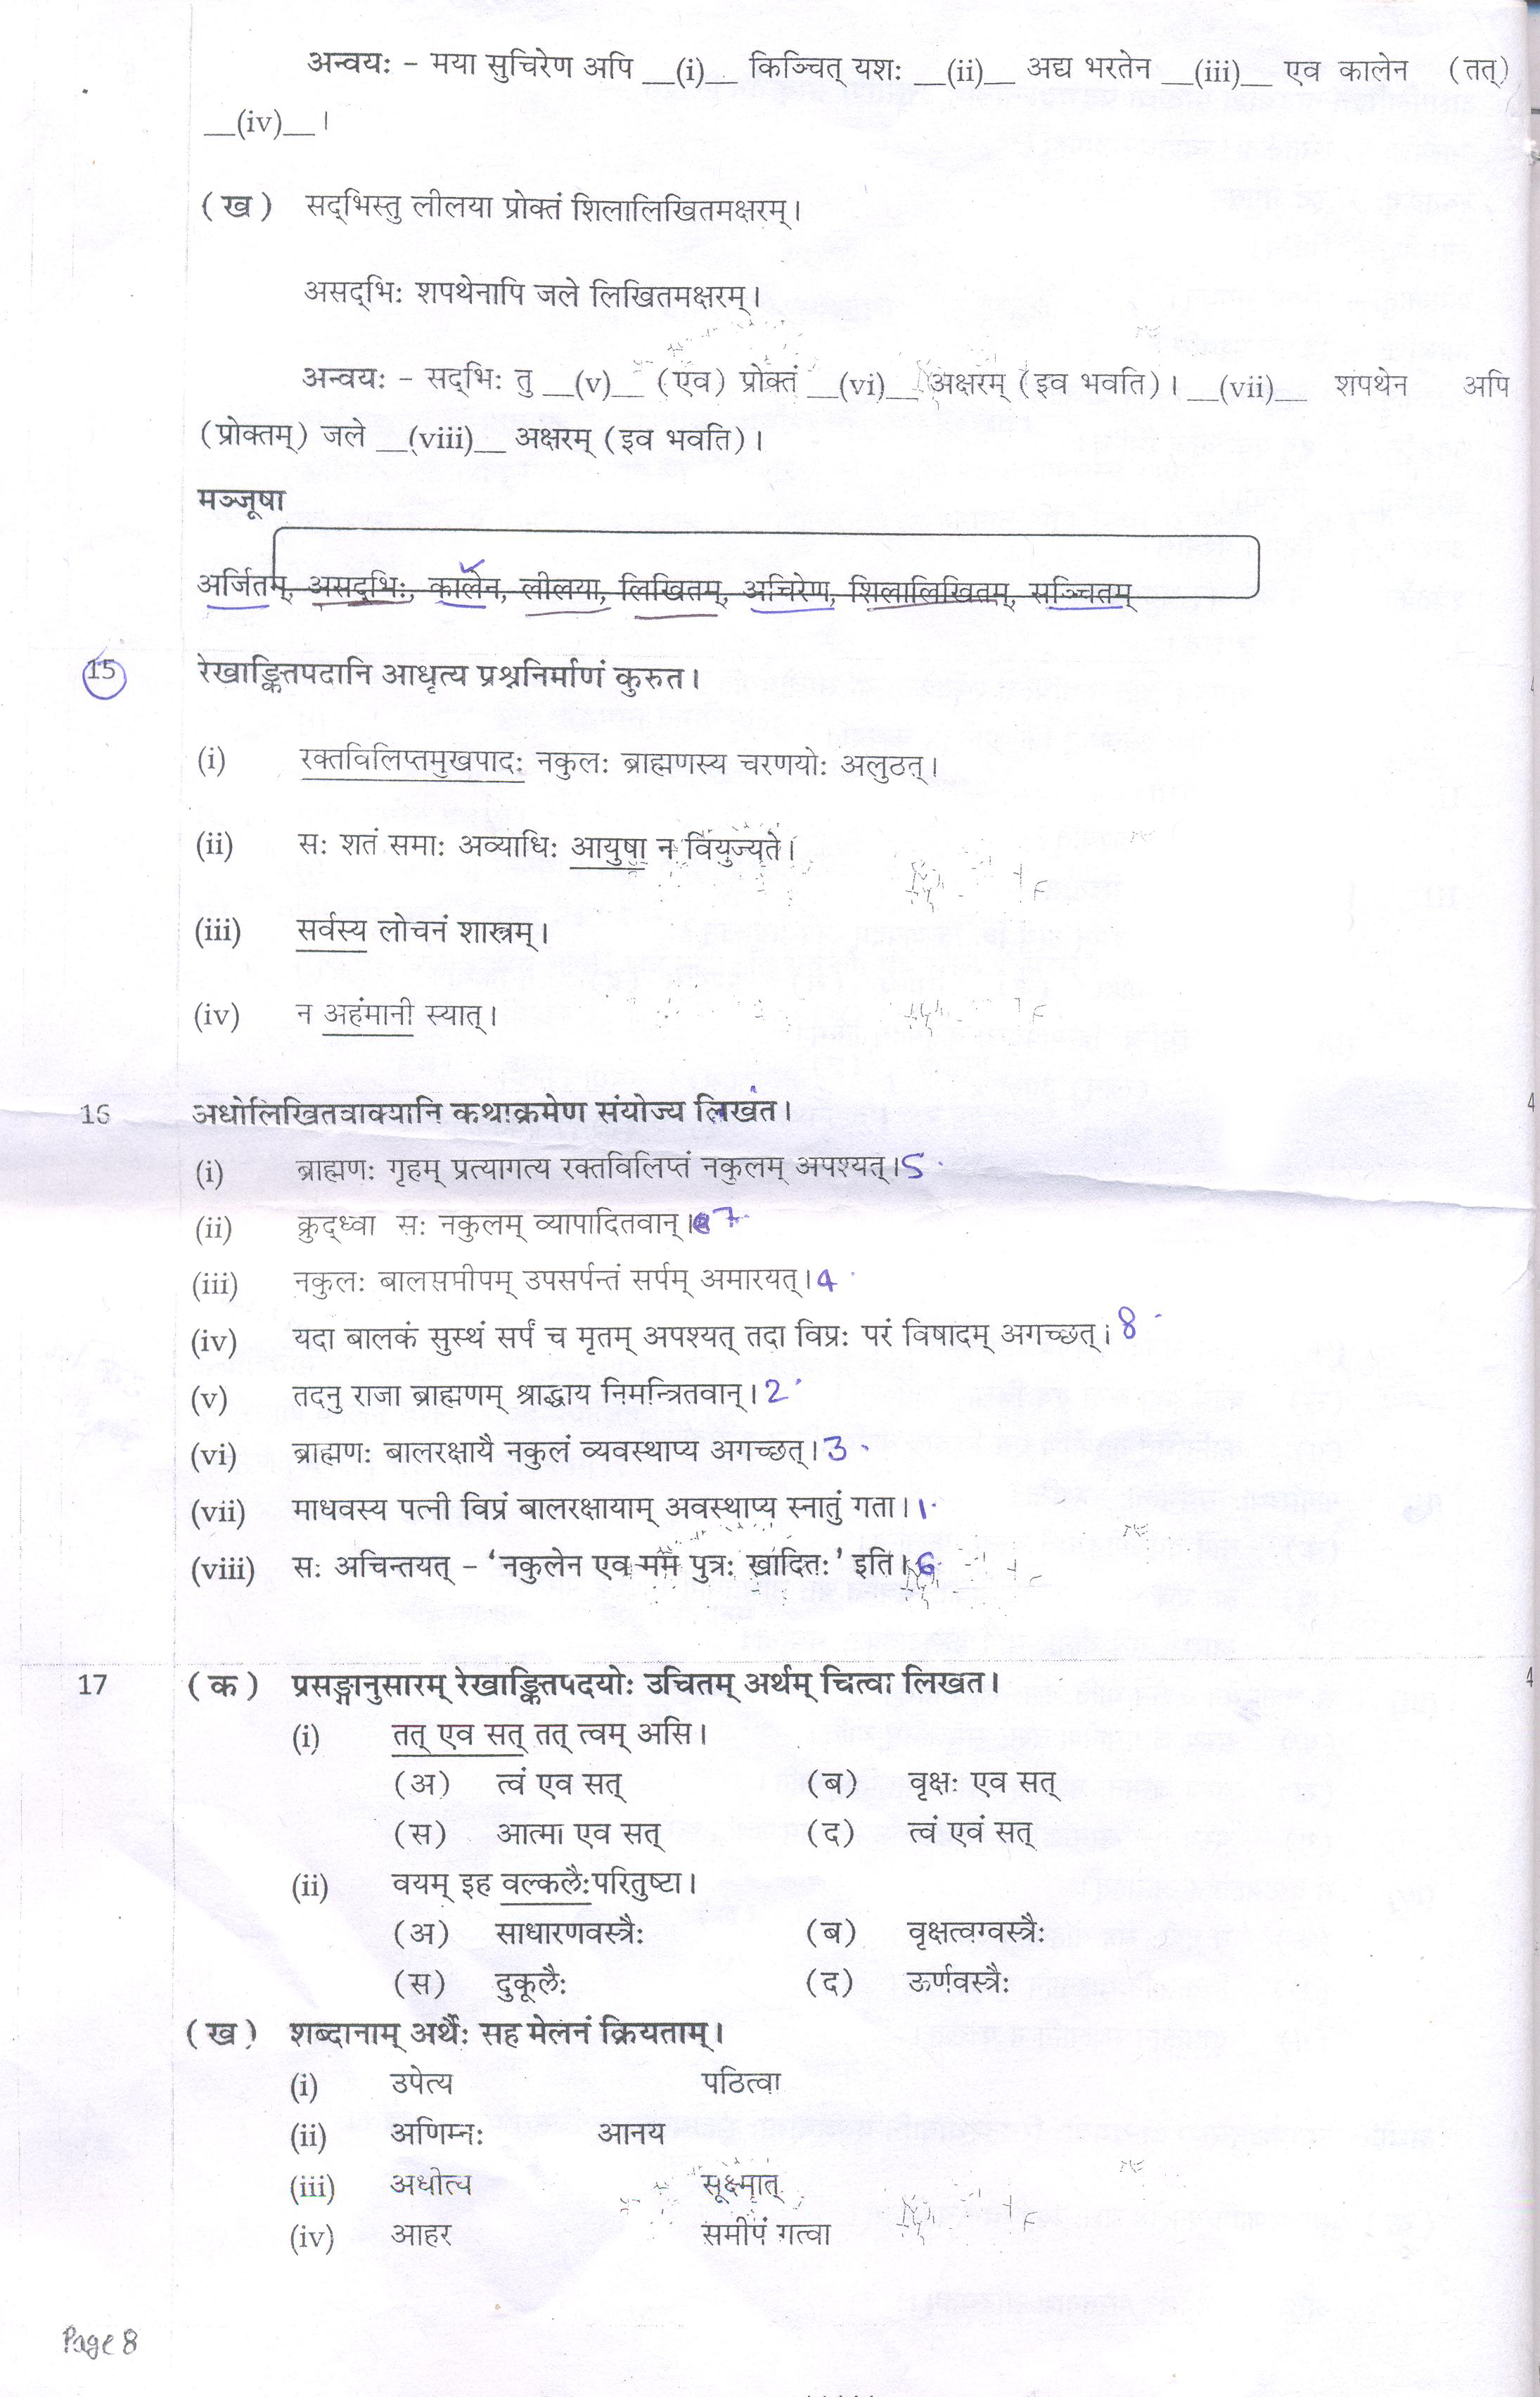 CBSE 2013 - 2014 Class 09 SA1 Question Paper - Sanskrit